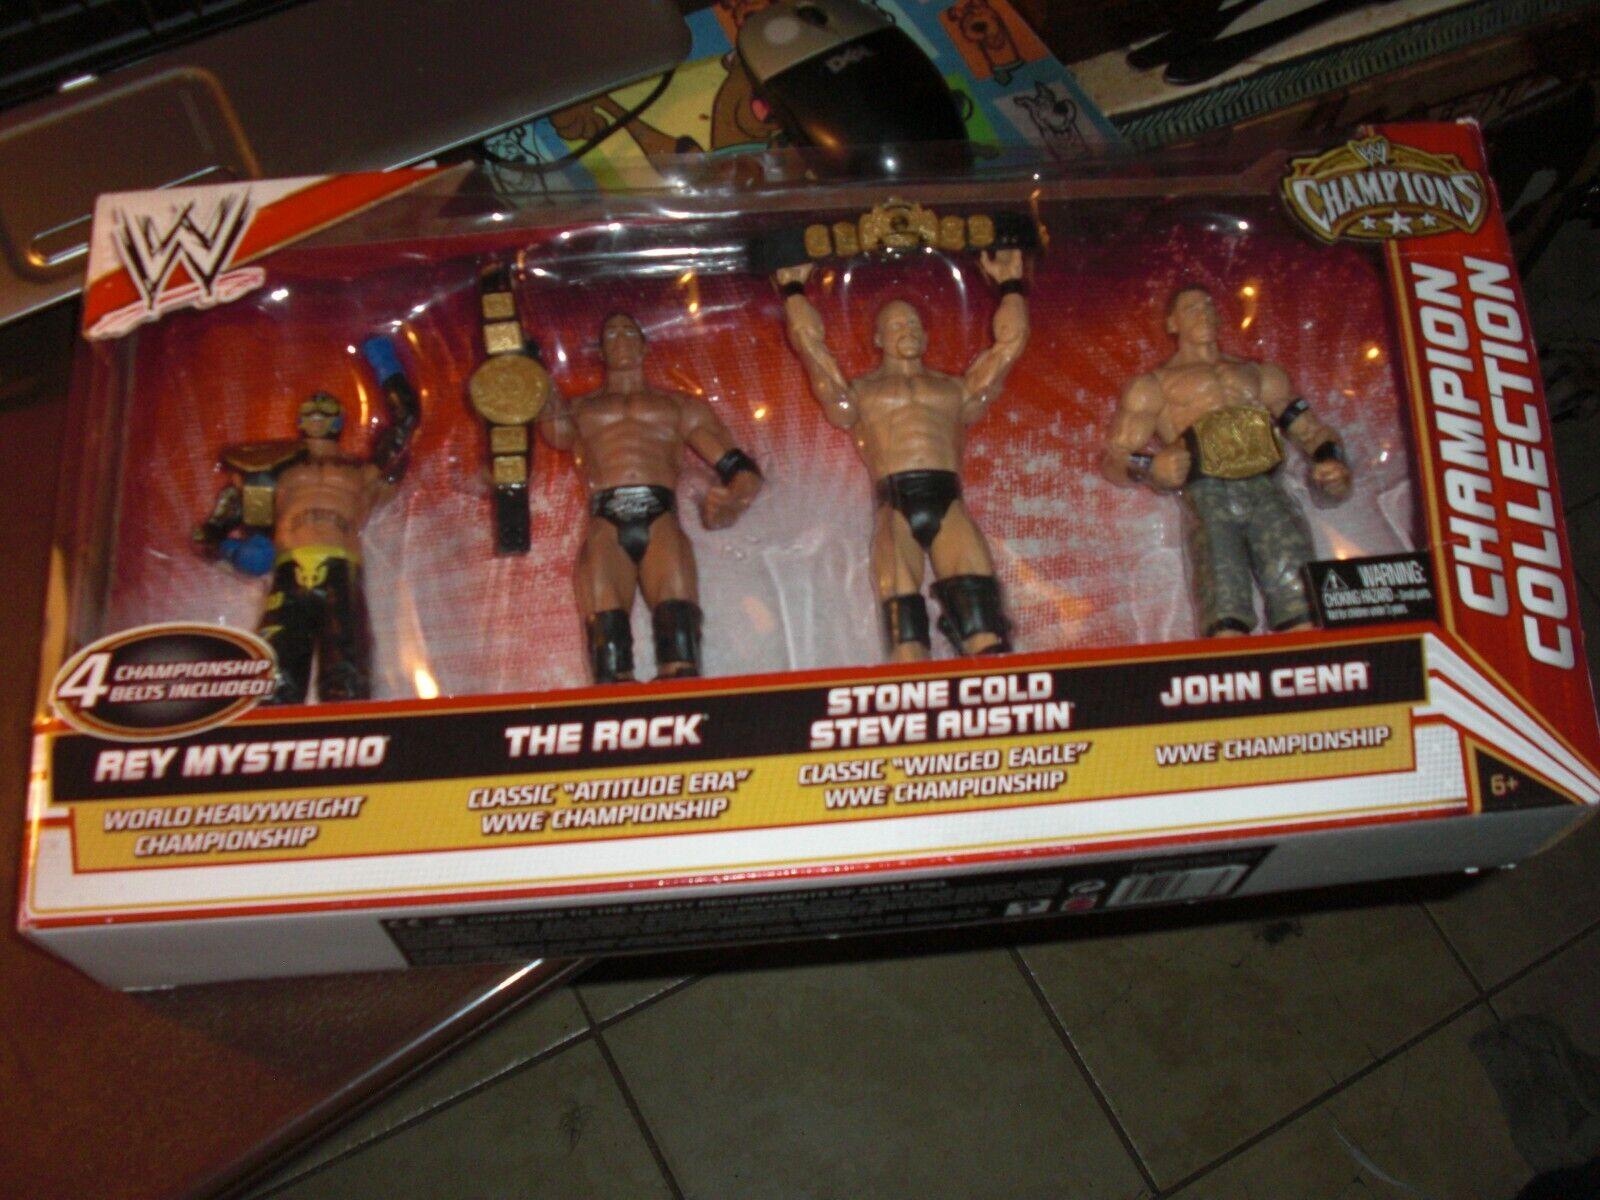 Colección campeón Wwe La Roca, piedra fría, Rey Mysterio, John Cena Nuevo Sellado